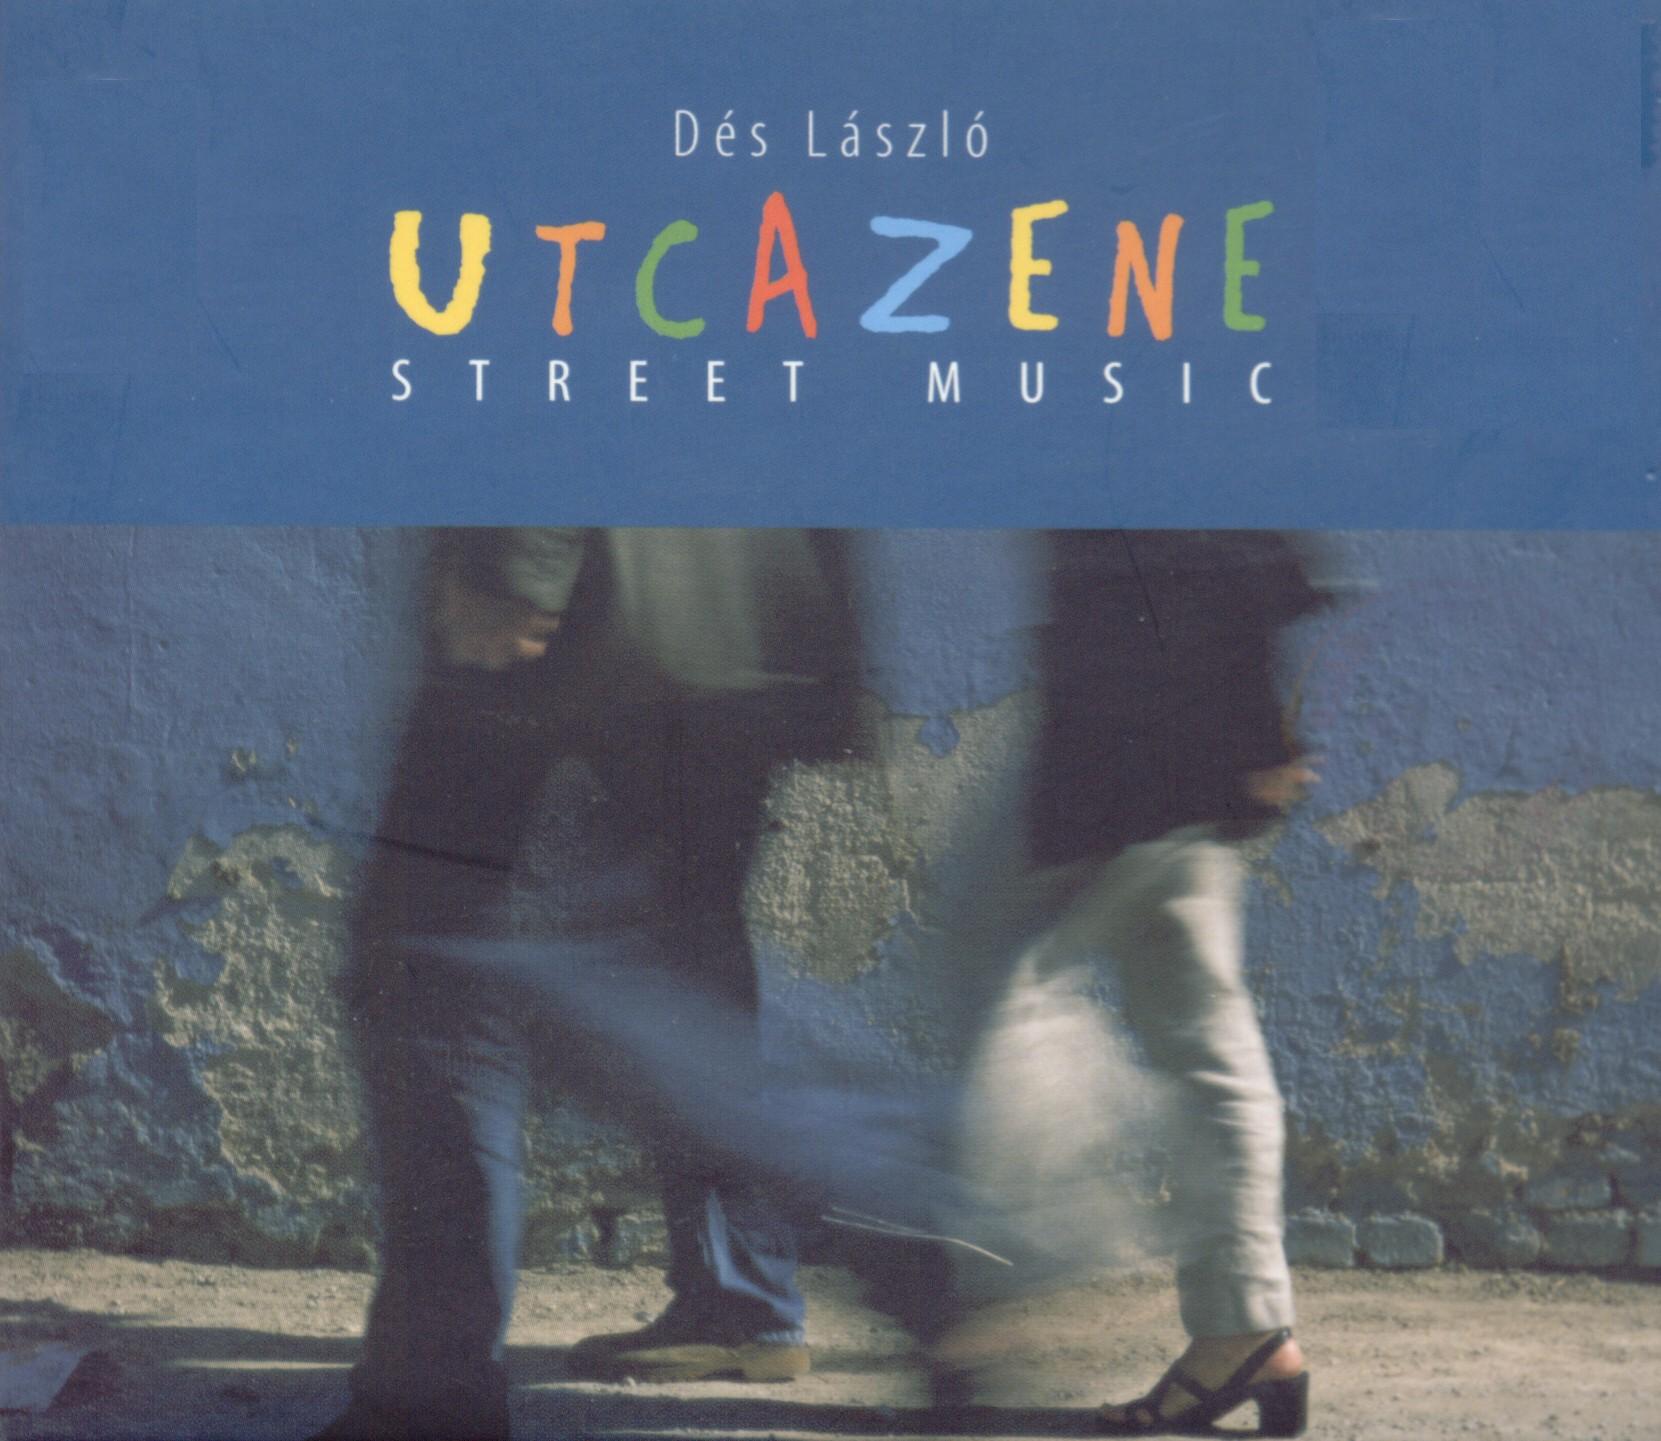 Dés László Dés László - Utcazene